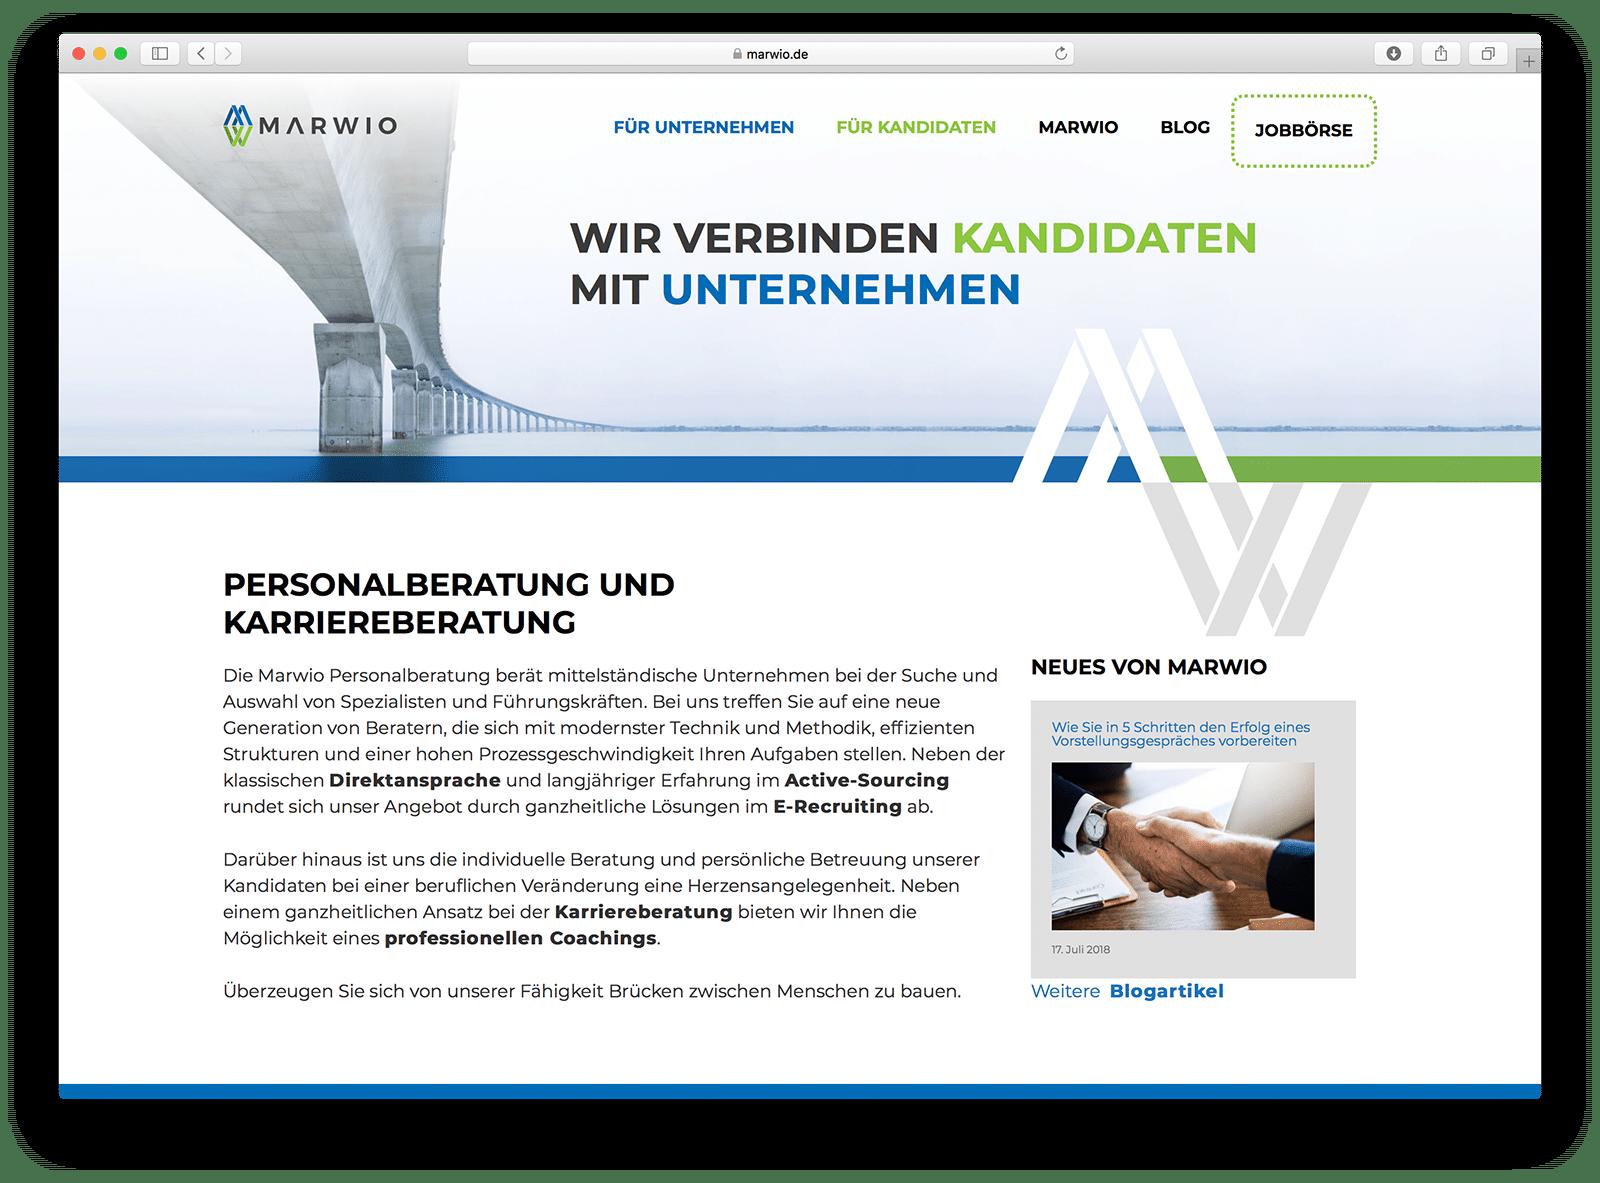 Schnelle WordPress Seite: Die Osnabrücker Grafikdesignagentur HASEGOLD entwickelt Kundenprojekte ausschließlich mit WordPress